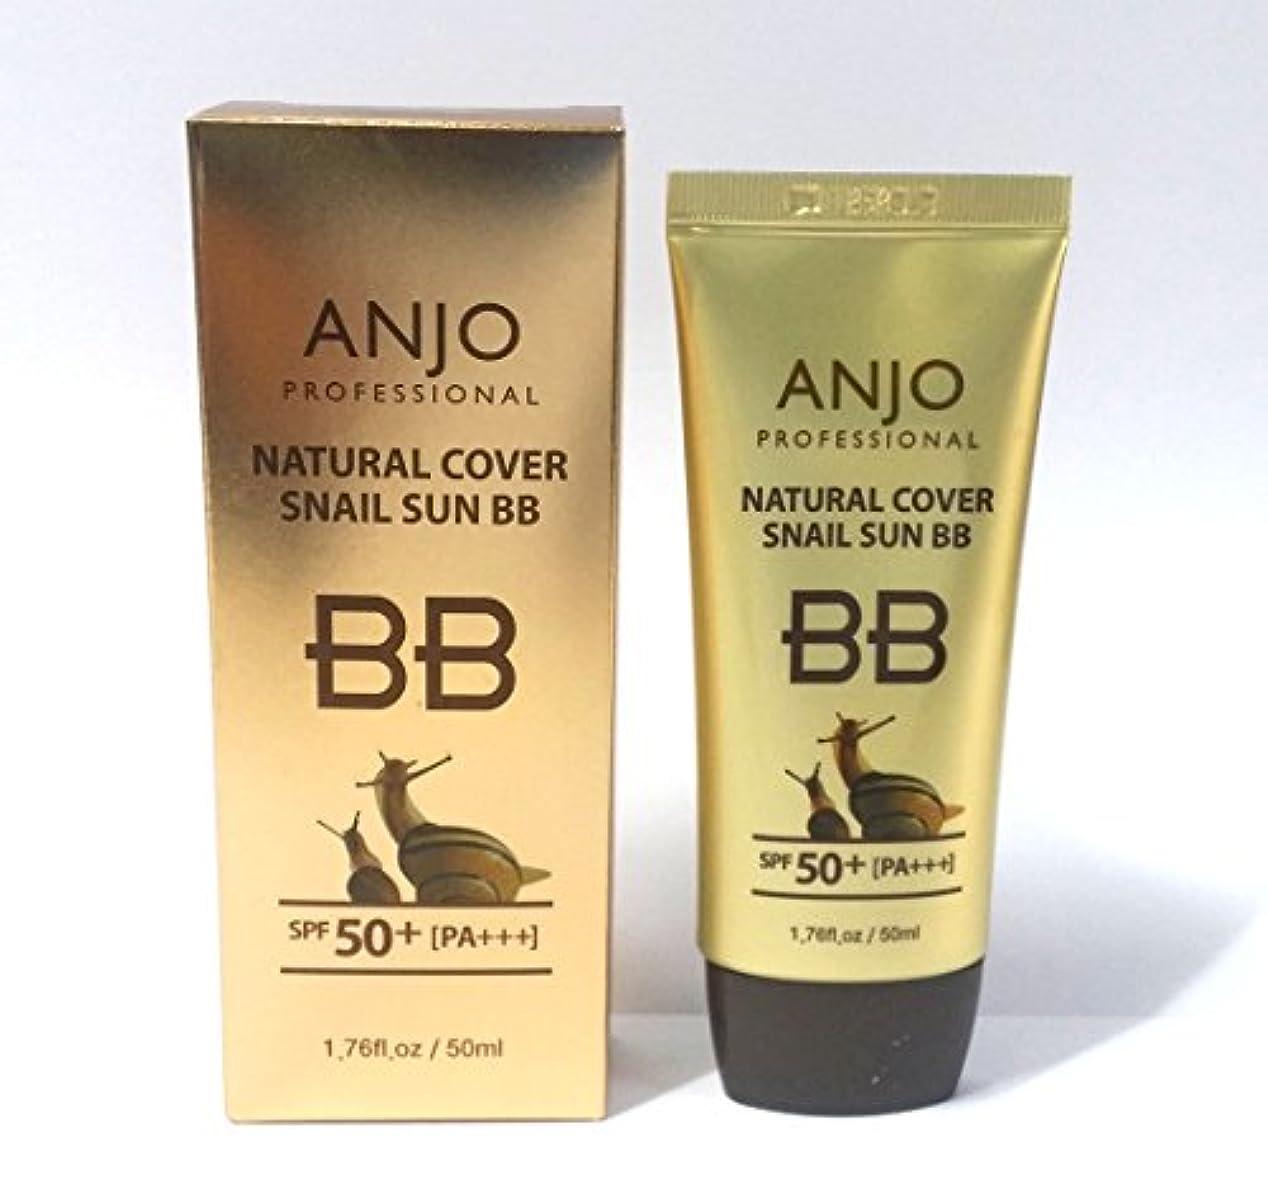 後ろ、背後、背面(部くるくるドット[ANJO] ナチュラルカバーカタツムリサンBBクリームSPF 50 + PA +++ 50ml X 6EA /メイクアップベース/カタツムリ粘液 / Natural Cover Snail Sun BB Cream SPF 50+PA+++ 50ml X 6EA / Makeup Base / Snail Mucus / 韓国化粧品 / Korean Cosmetics [並行輸入品]